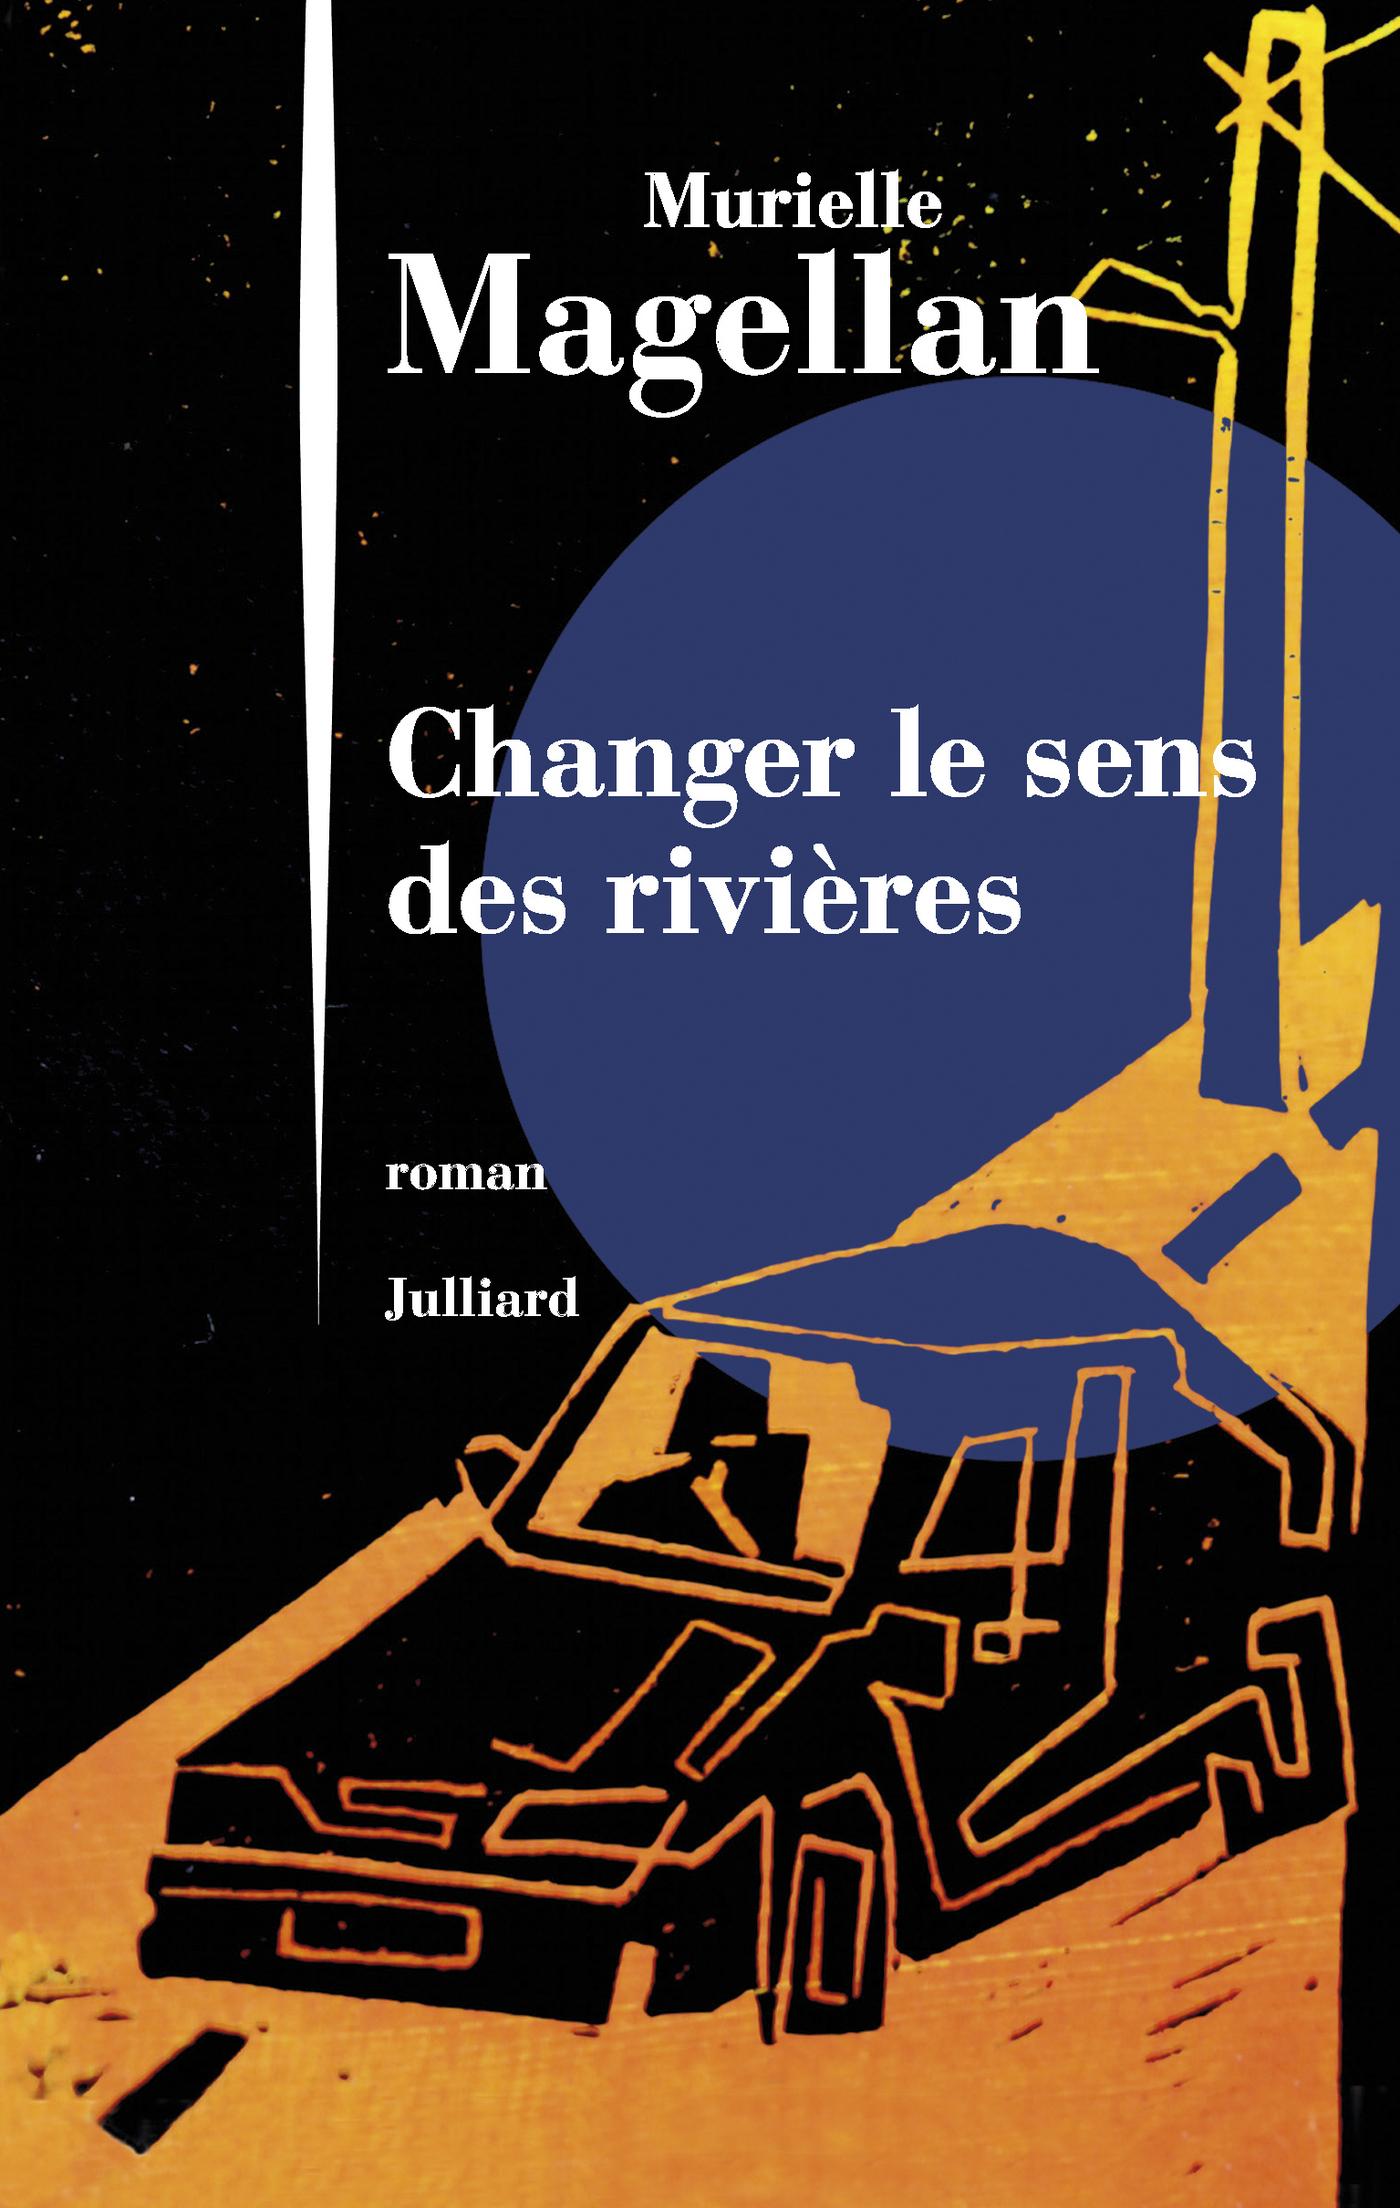 Changer le sens des rivières | MAGELLAN, Murielle